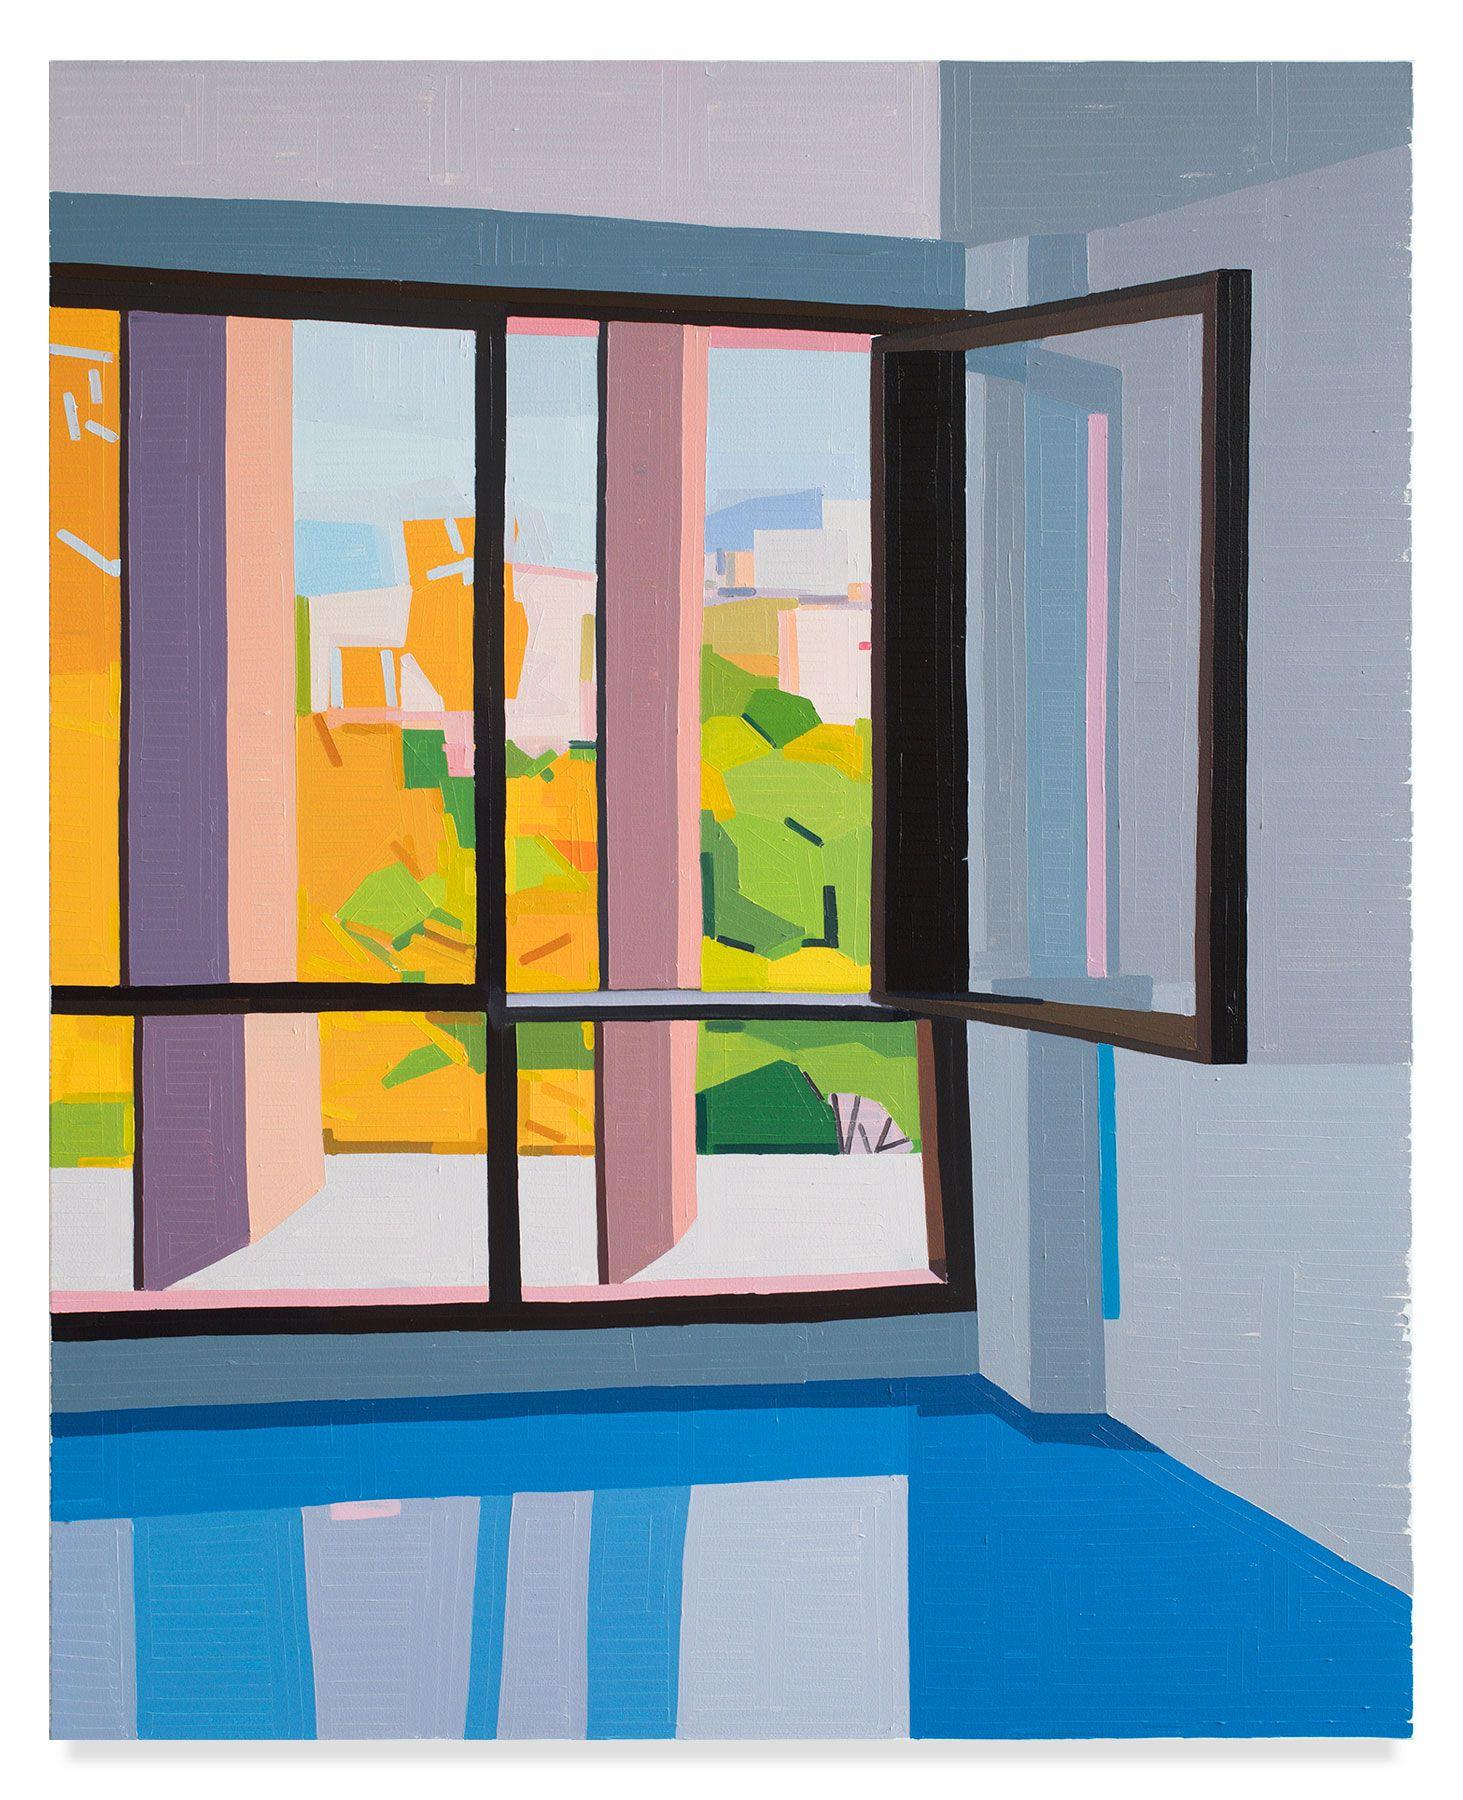 Cité Radieuse Le Corbusier, 2019, Oil on canvas, 61 7/8 x 50 inches, 157 x 127 cm, MMG#31725